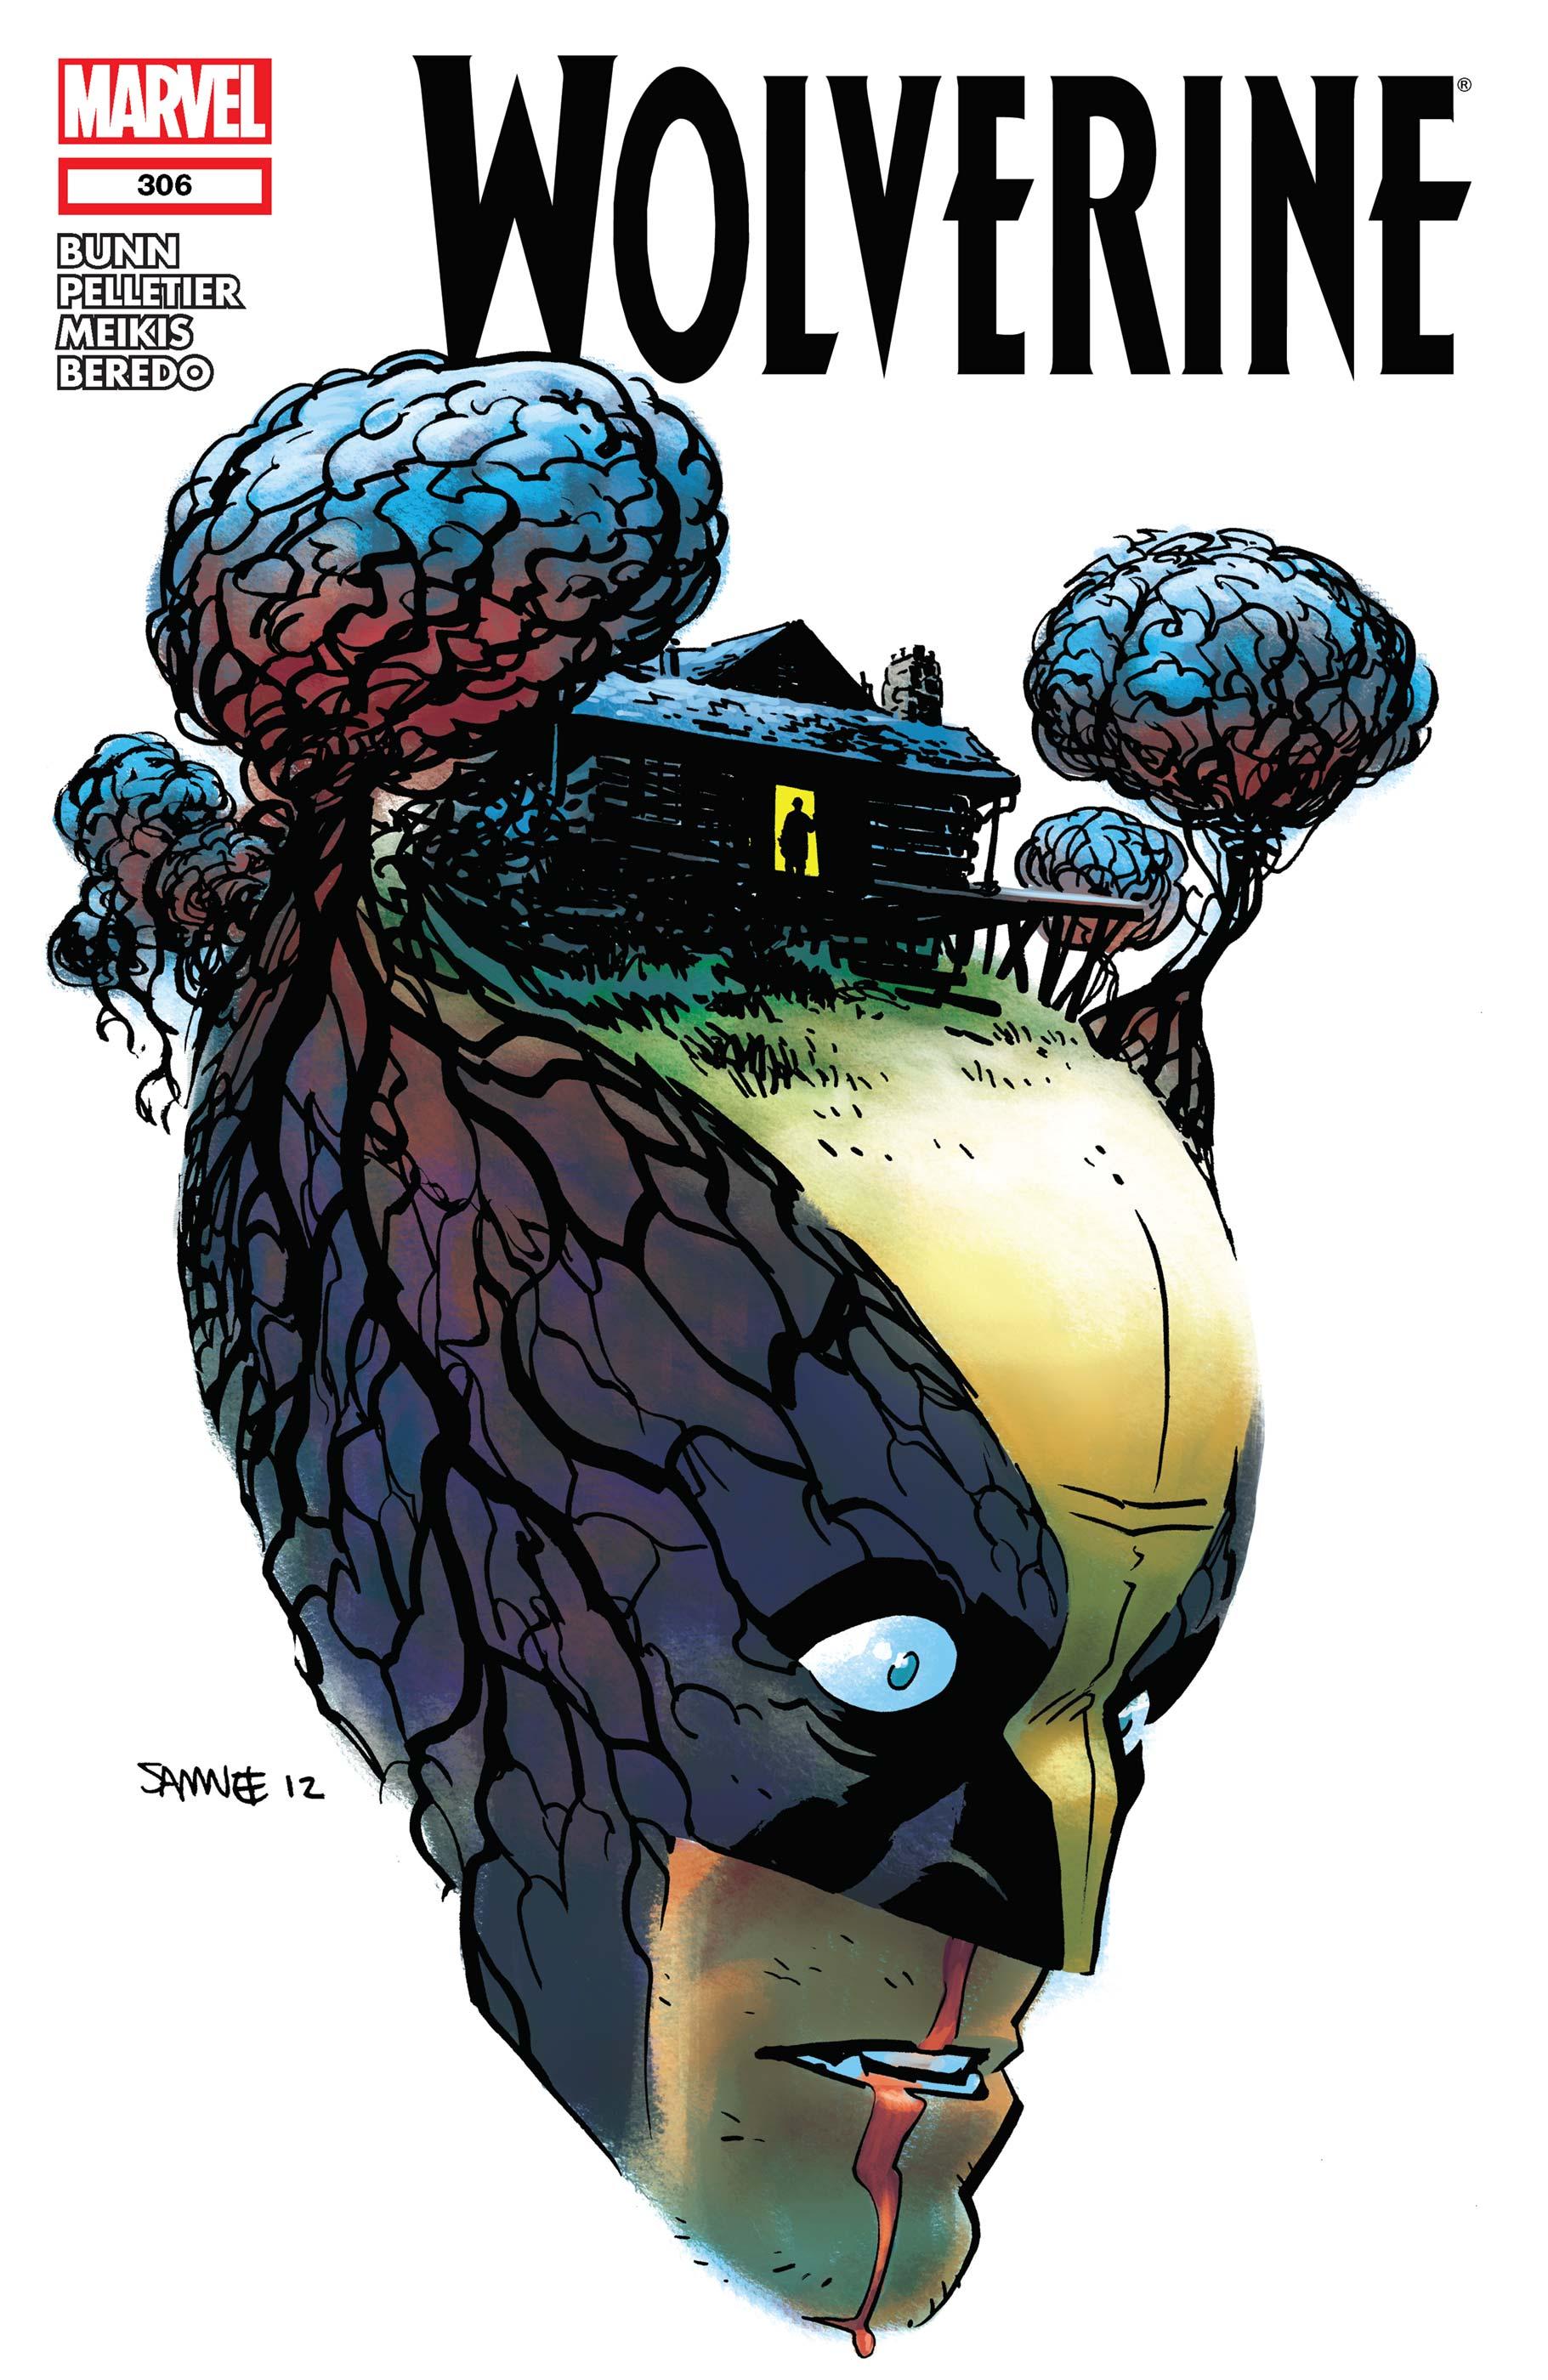 Wolverine (2010) #306